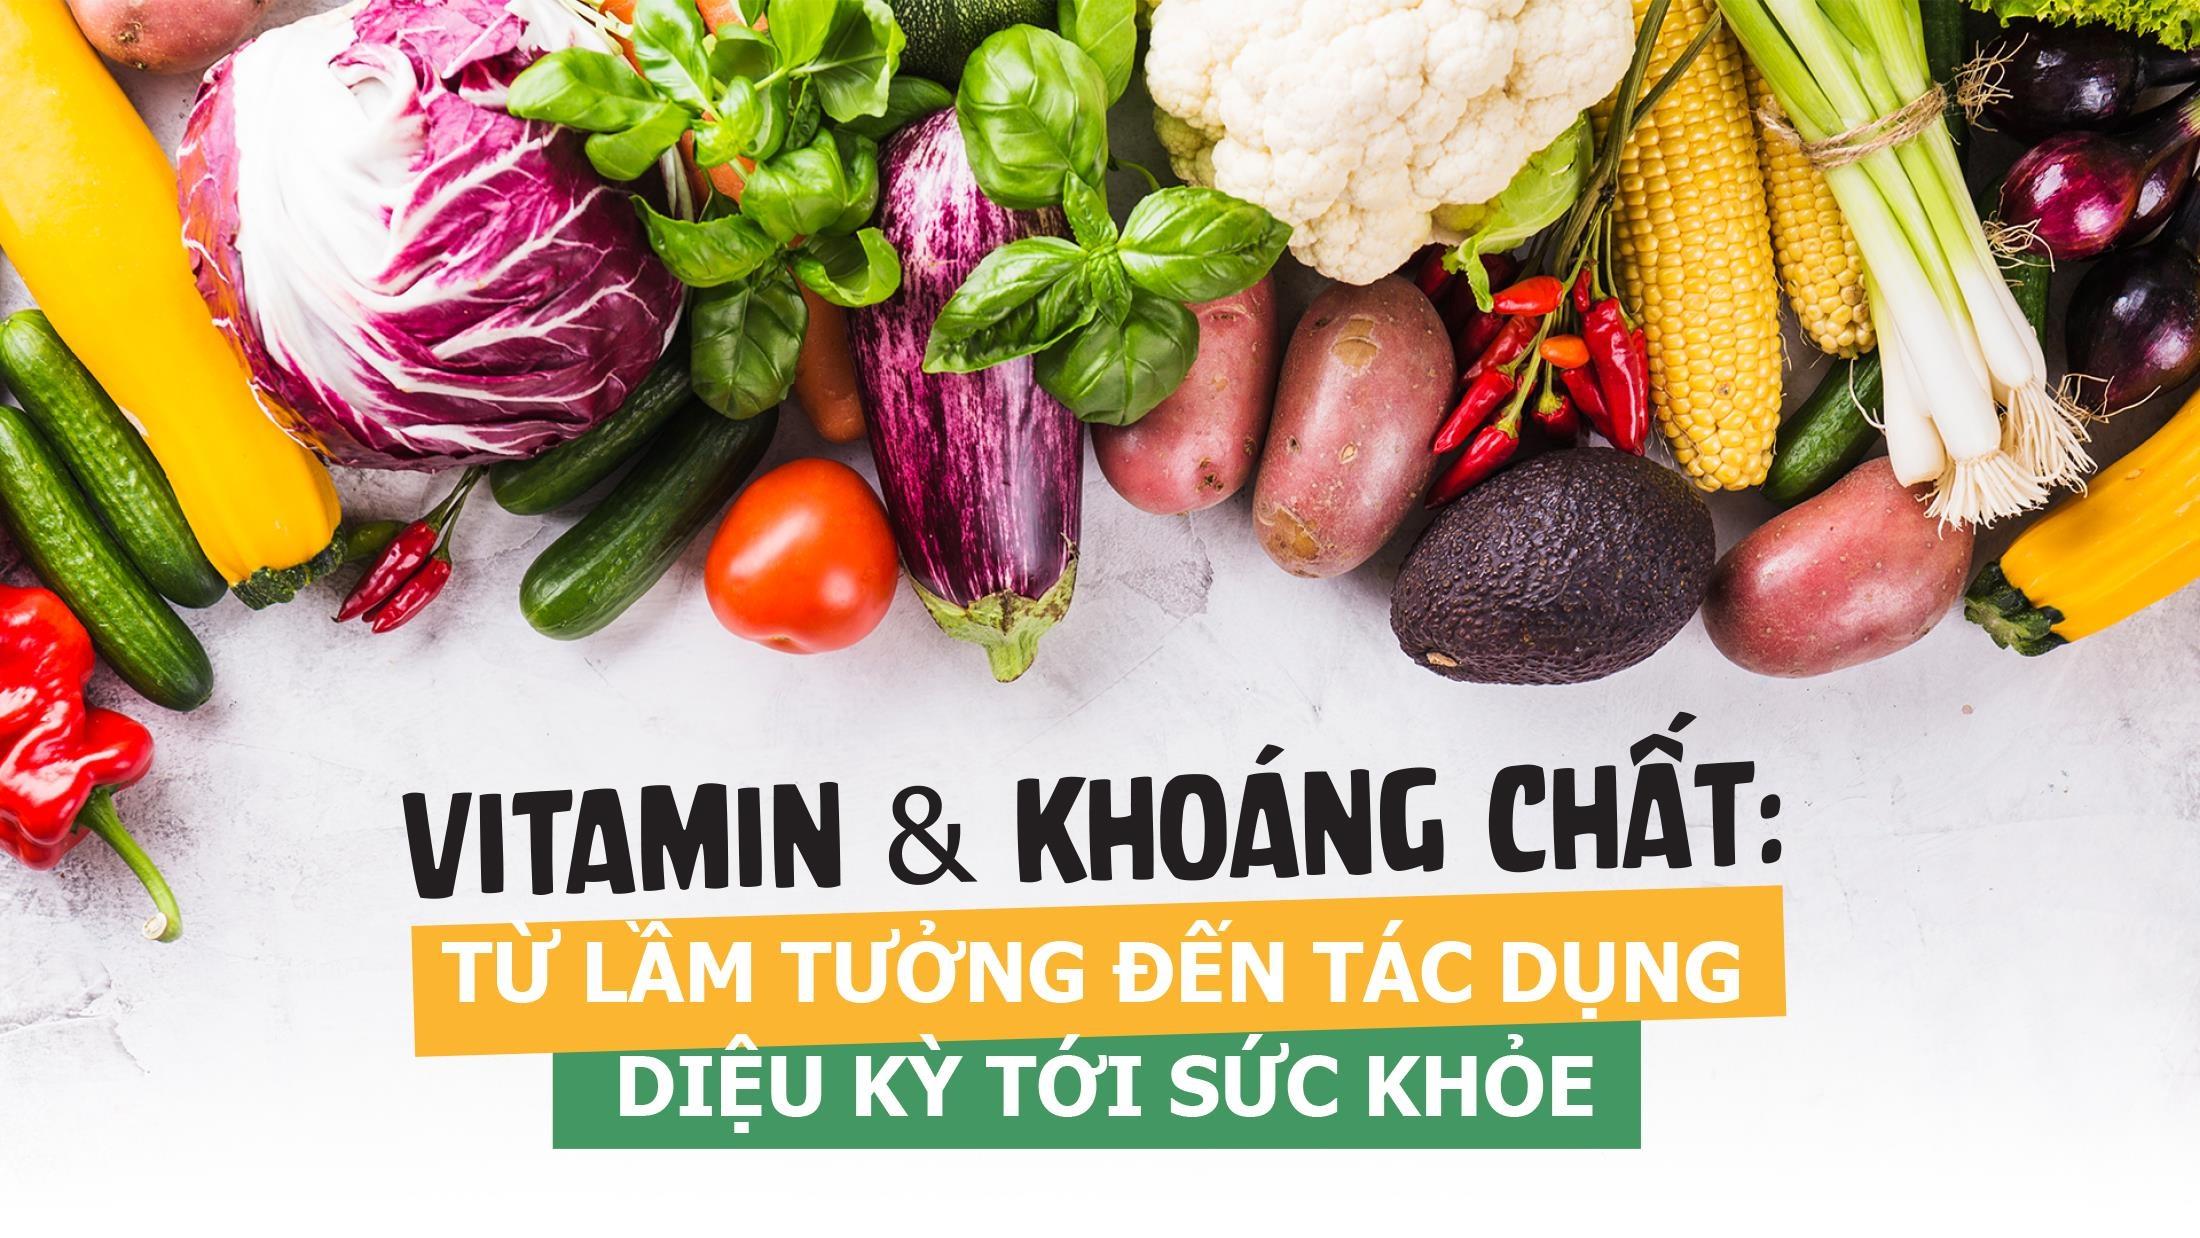 Vitamin va khoang chat: Tu lam tuong den tac dung dieu ky toi suc khoe hinh anh 2